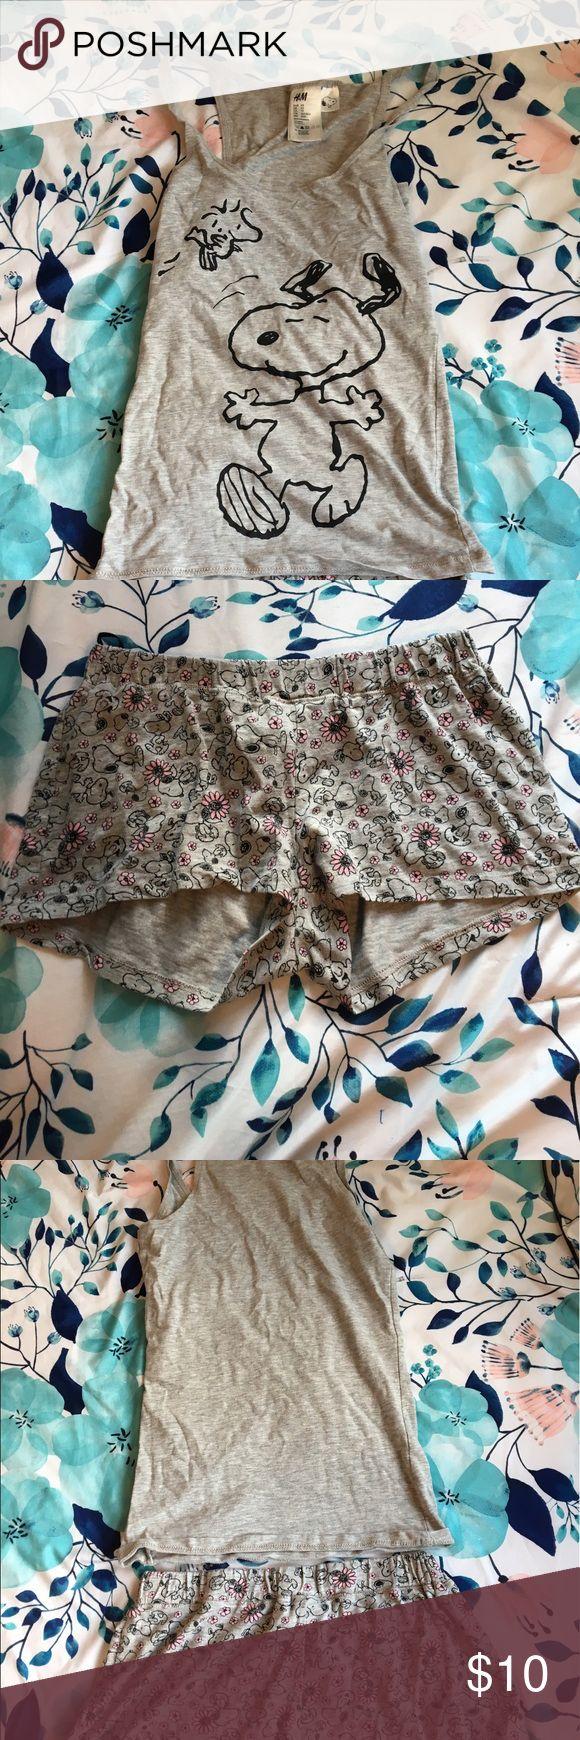 Snoopy pajamas •Snoopy tank top and shorts Intimates & Sleepwear Pajamas